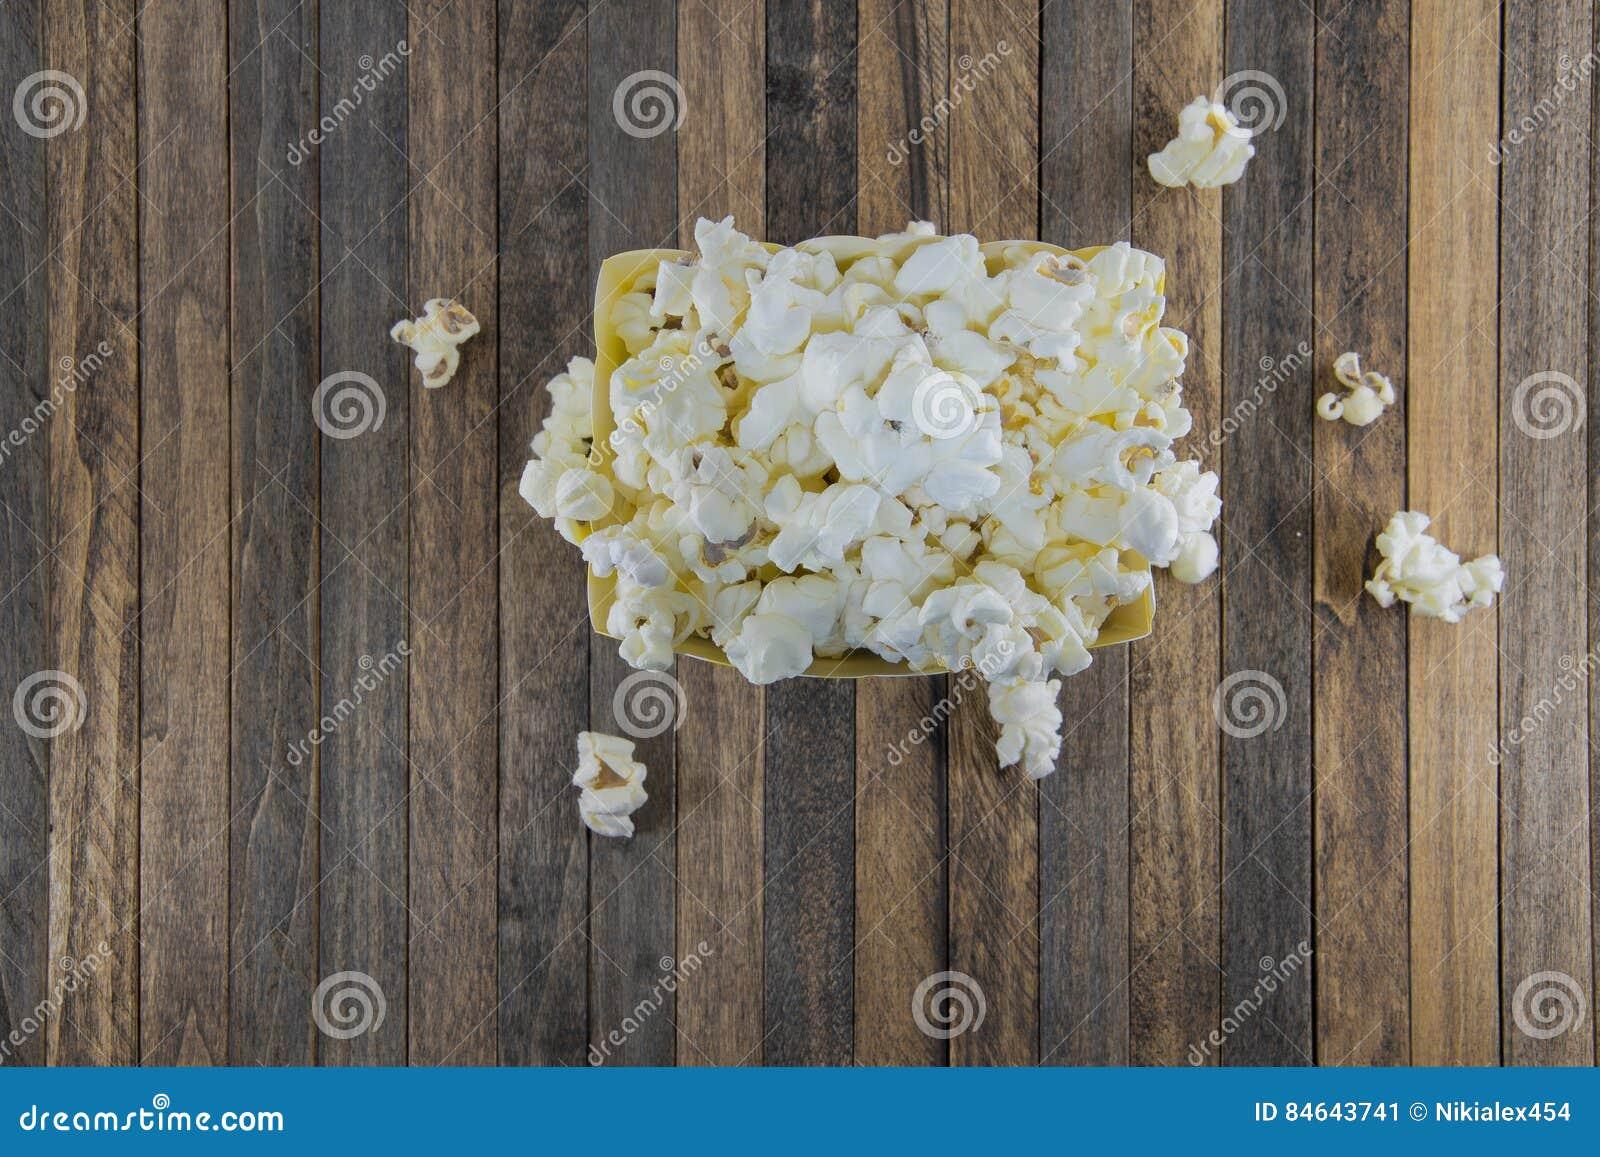 Κιβώτιο popcorn σε ένα ξύλινο υπόβαθρο